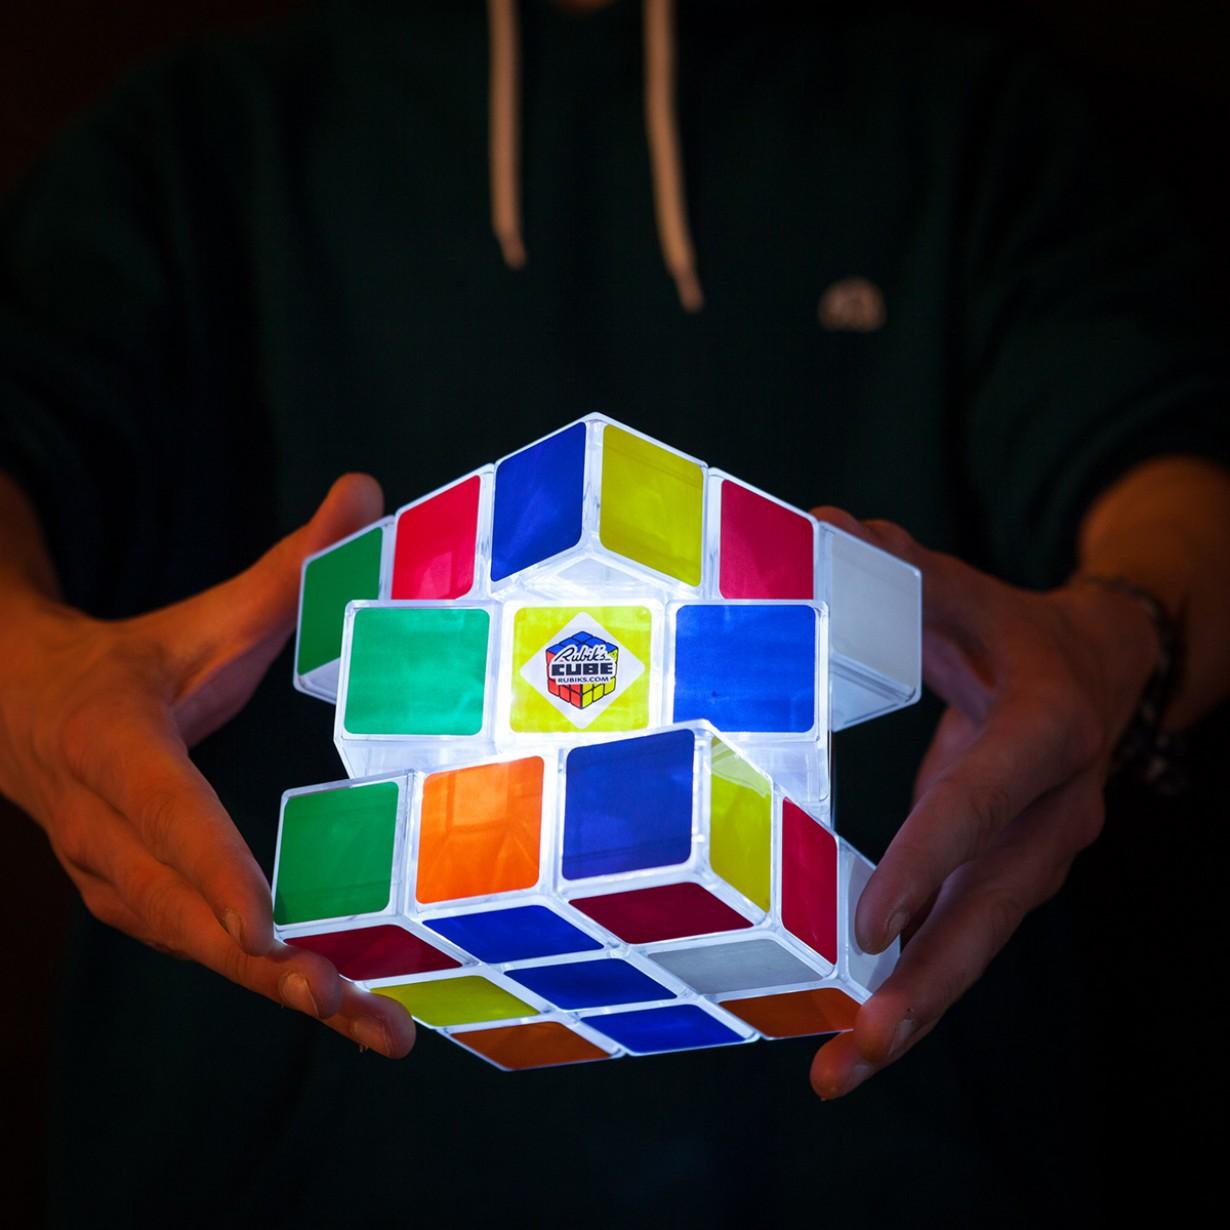 Rubbik's Cube lumineux